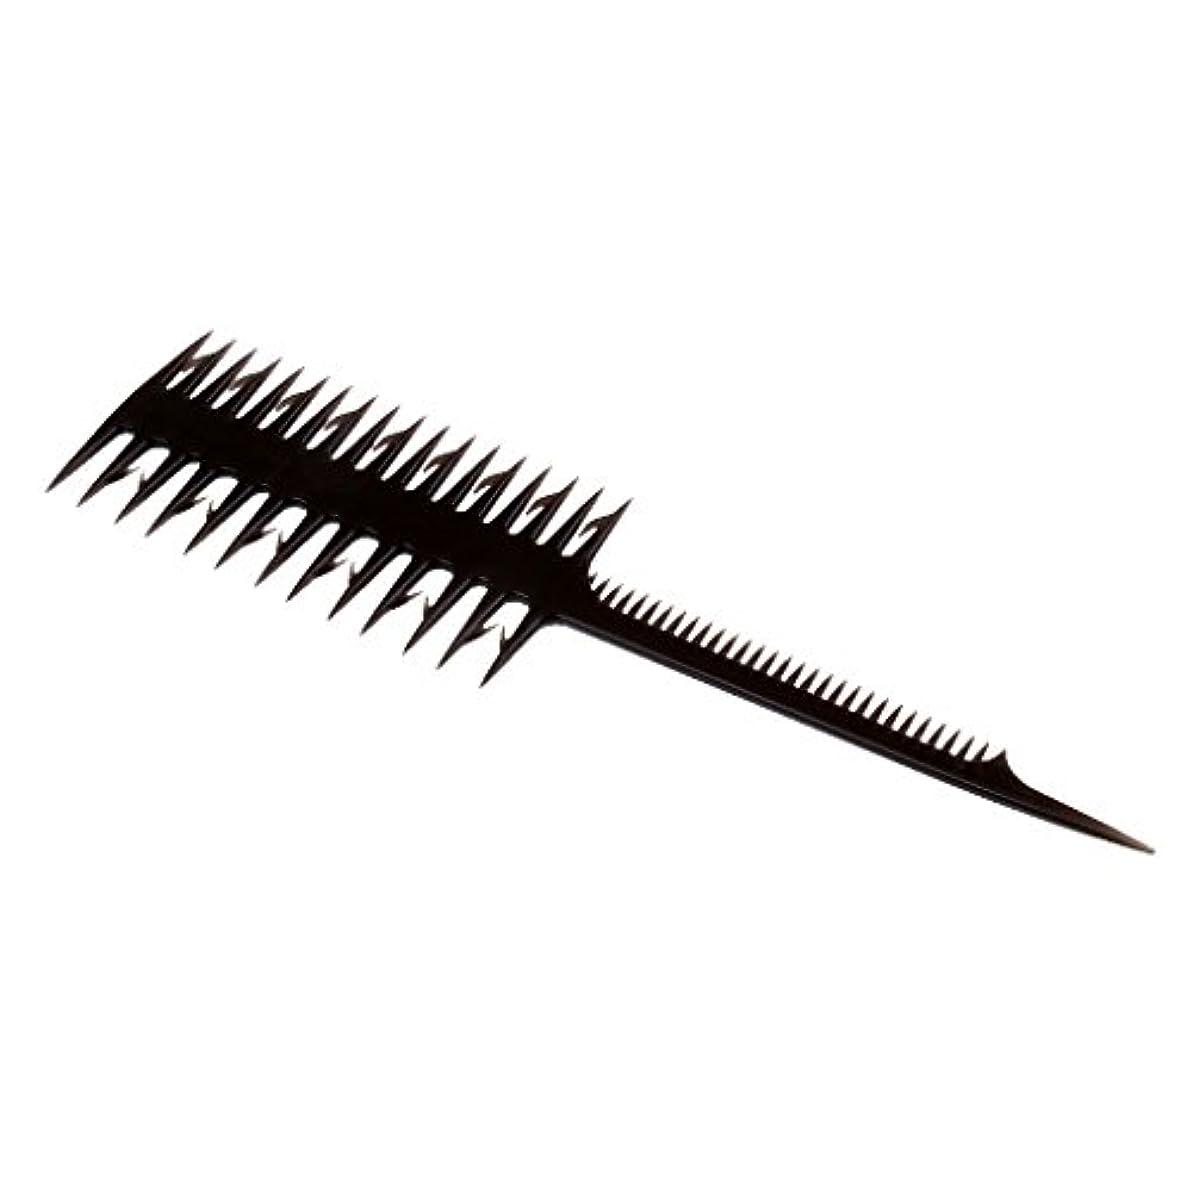 データム陰謀すみません2イン1サロンヘアカラーリング染色ティントDIY織りくし細い歯ブラシ - ブラック